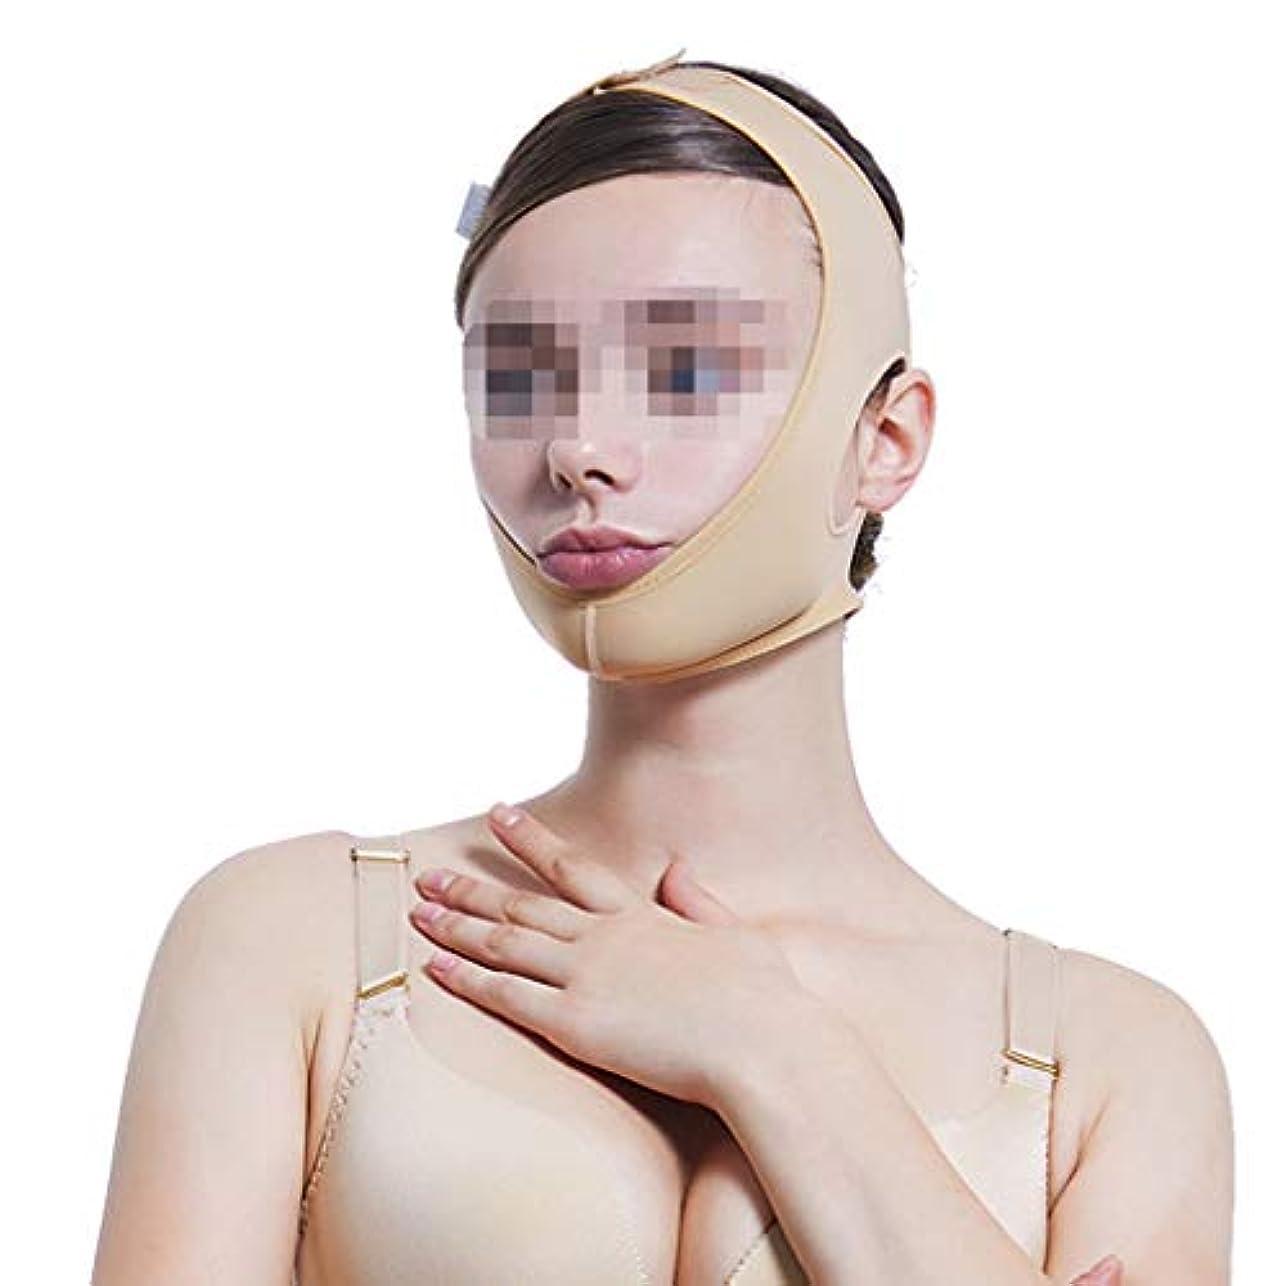 笑い平衡アミューズXHLMRMJ ビームフェイス弾性ヘッドギア、二重あごの顎セットにマスクの後に線彫り薄いフェイス包帯マルチサイズオプション (Size : XXL)